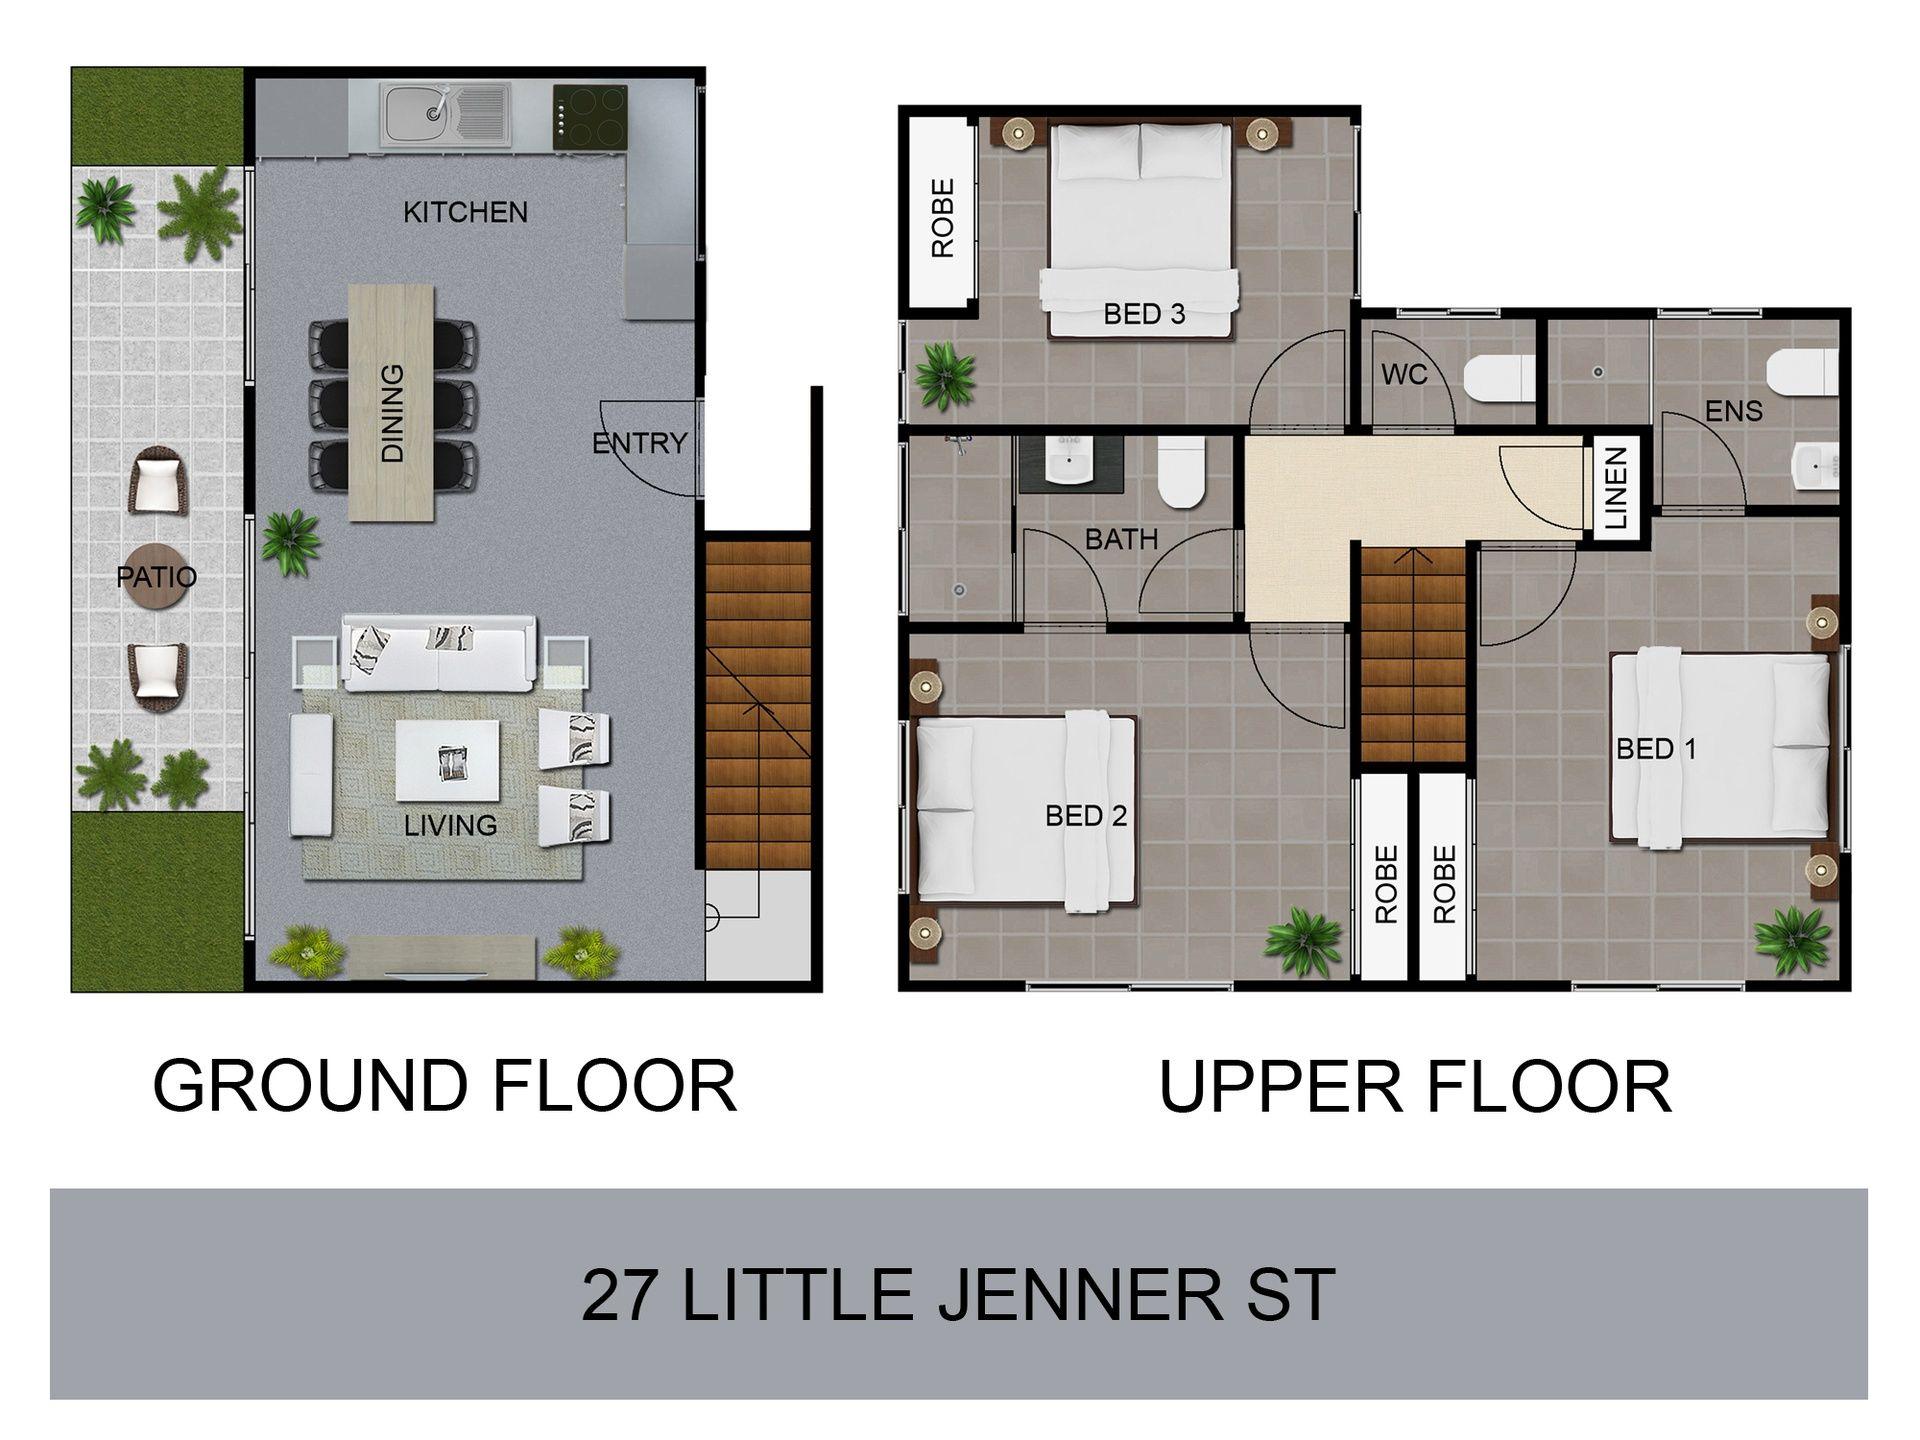 2d Plan Symbols Colour Floor Plan Symbols 2d Colour Architectural Symbols Top View Furniture Floor Plans Rendered Floor Plan 3d Architectural Visualization